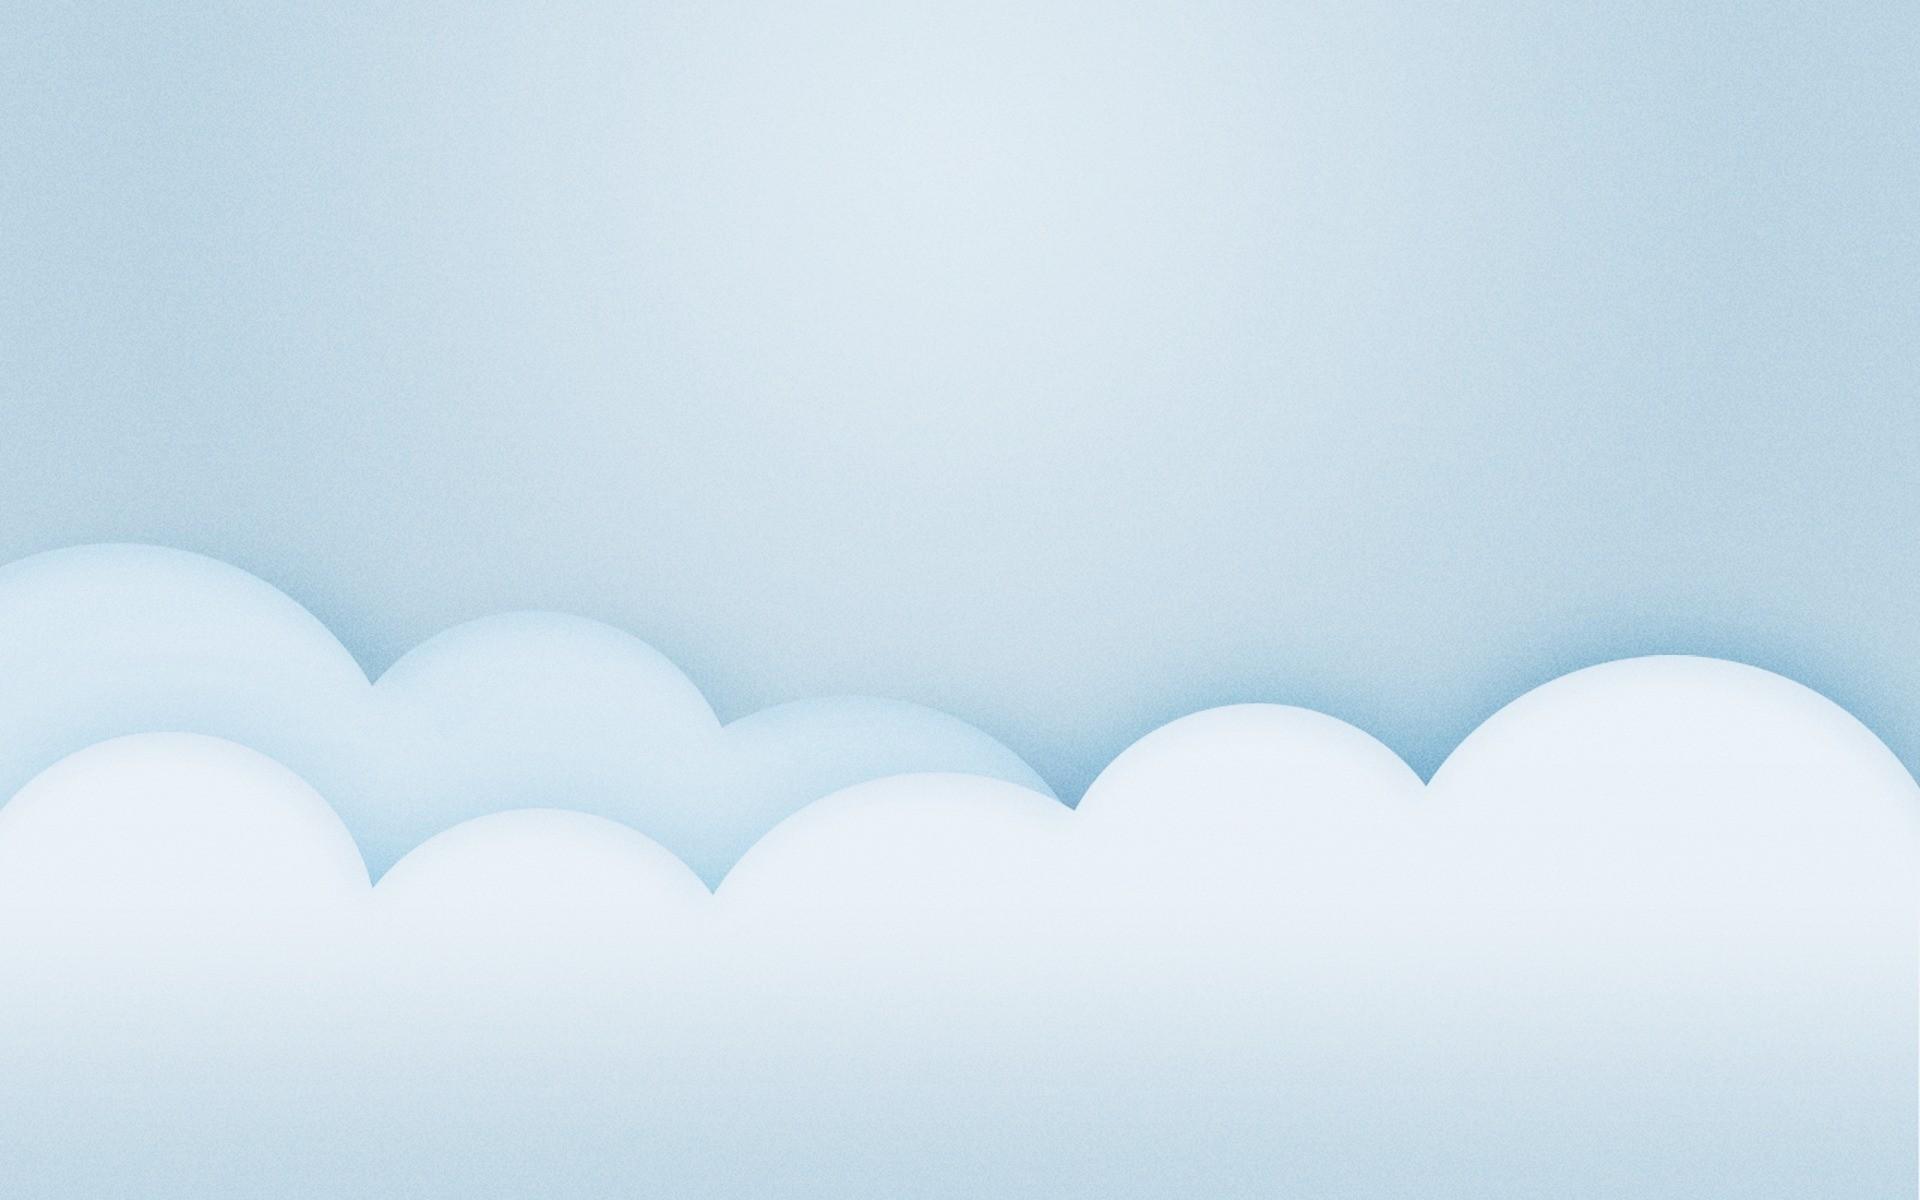 wallpapers light clouds minimalistic blue wallpaper 1920x1200 1920x1200